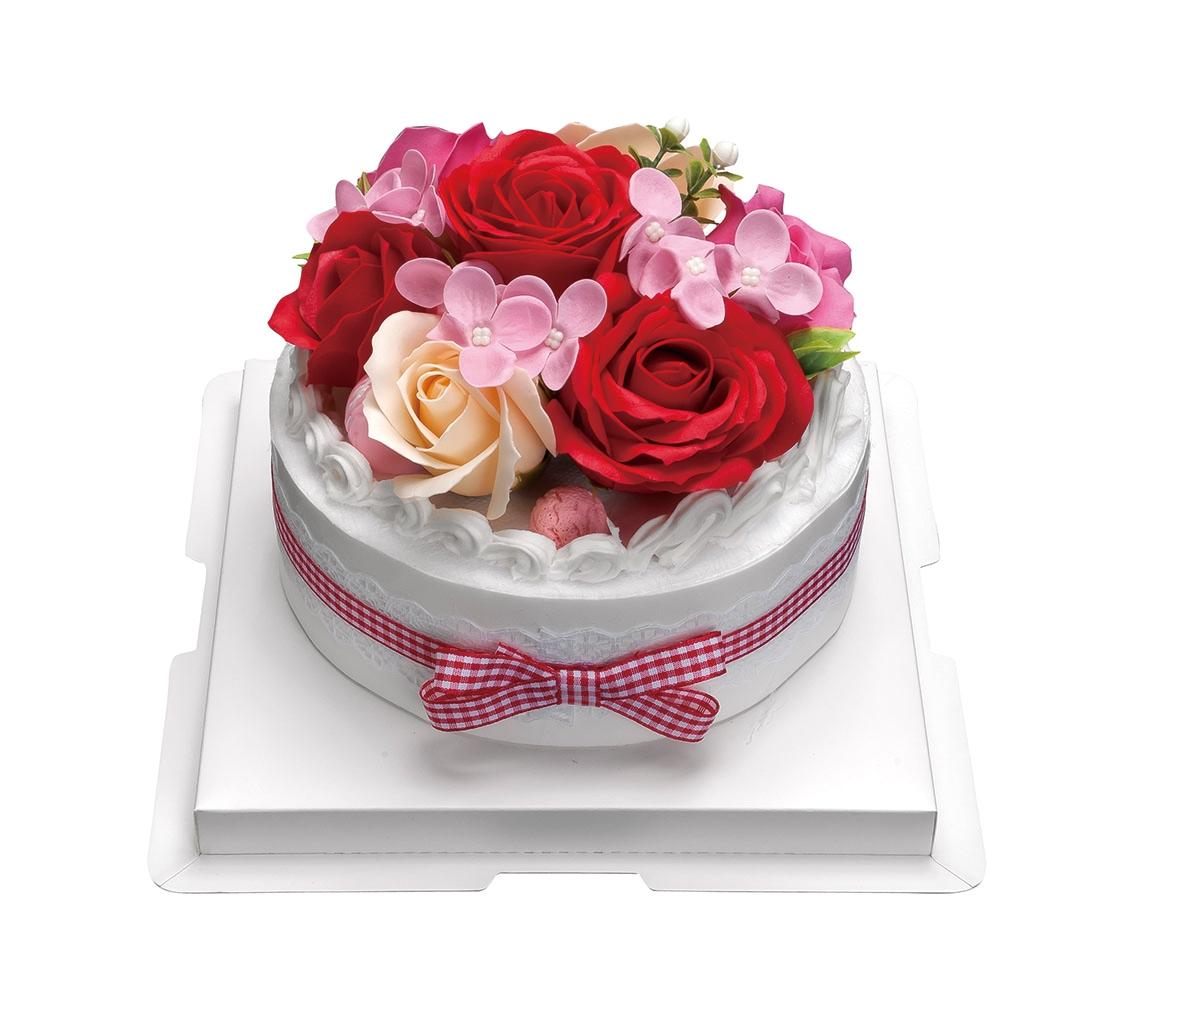 フラワーデコレーションケーキ  ソープフラワー 母の日 入学 移転 引越 祝